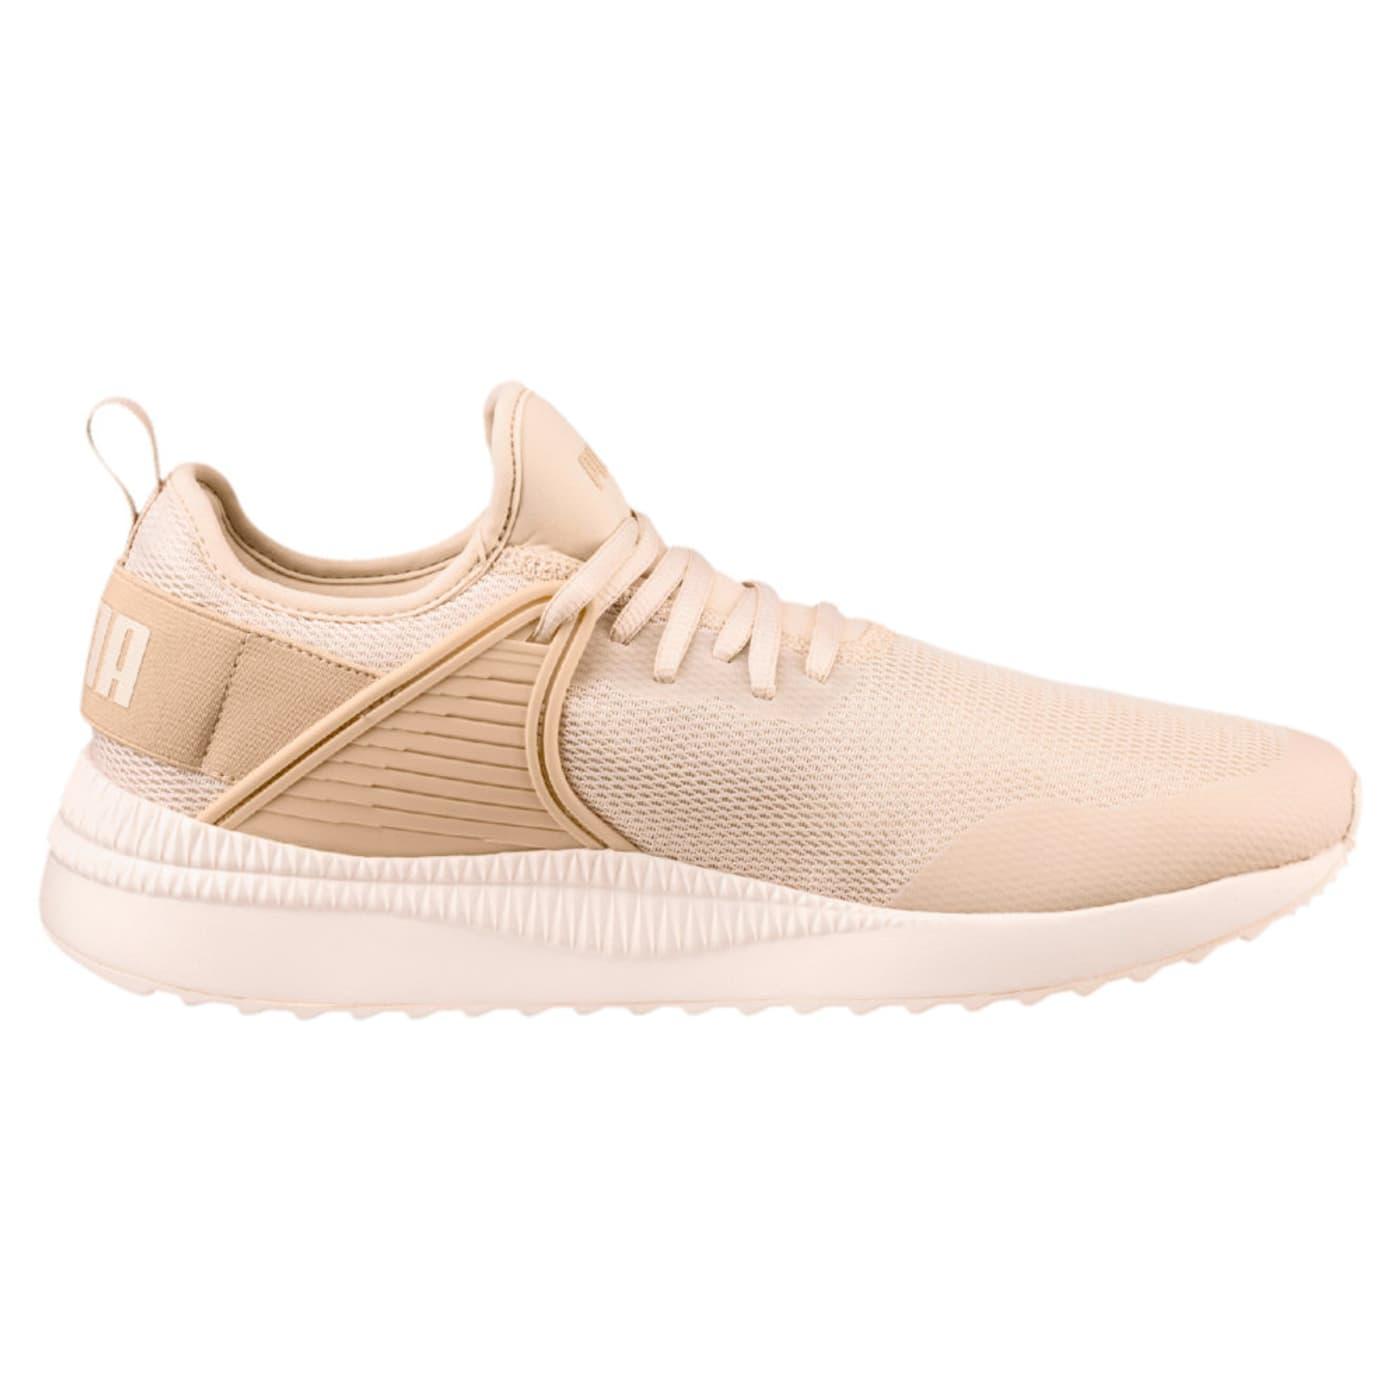 De Pacer Loisirs Migros Next Pour Chaussures Cage Femme Puma vOWqfB7n7